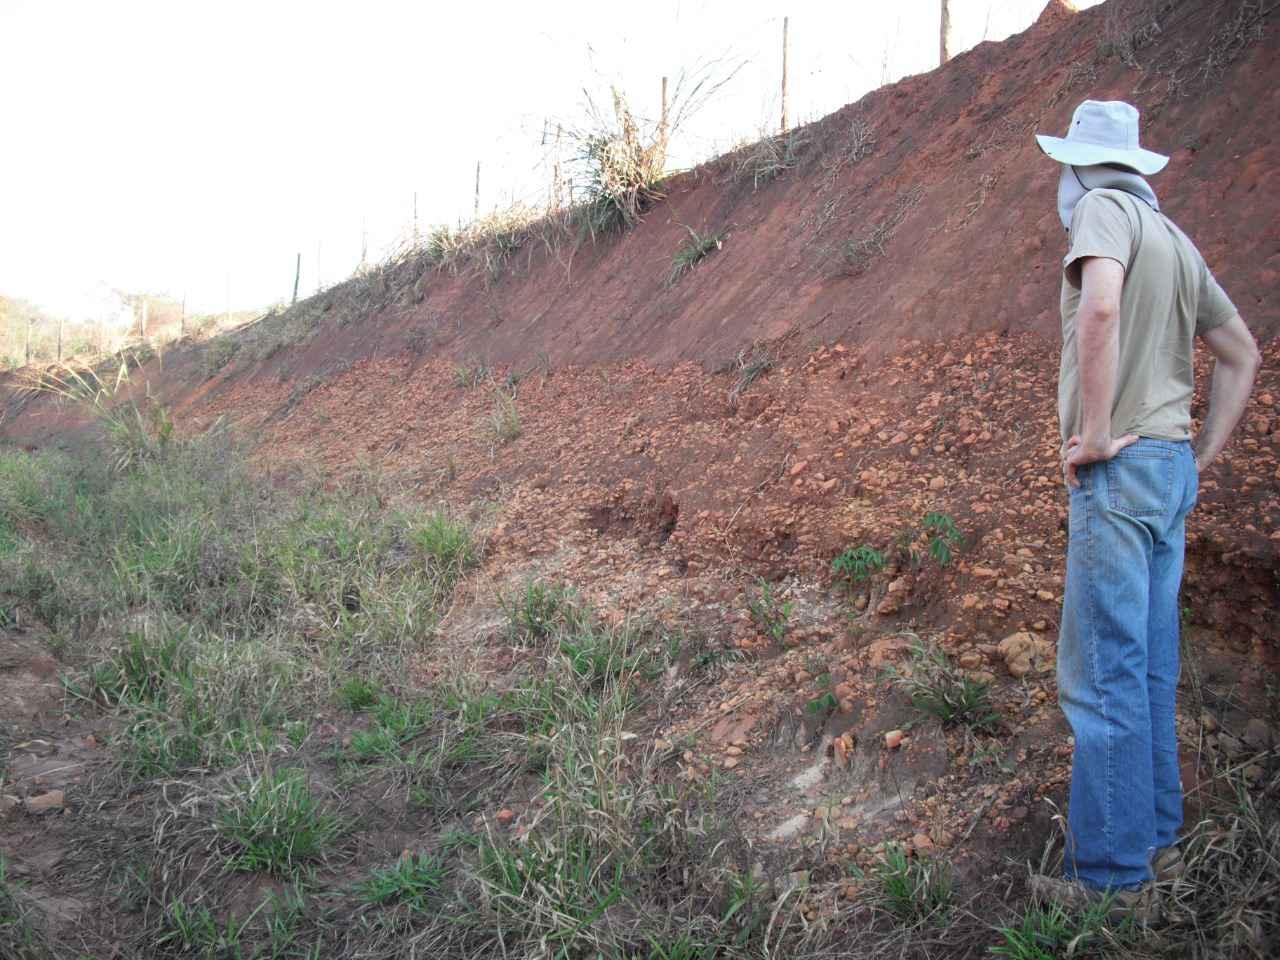 Depósitos de material sedimentar no Rio Paraopeba, na região de Brumadinho